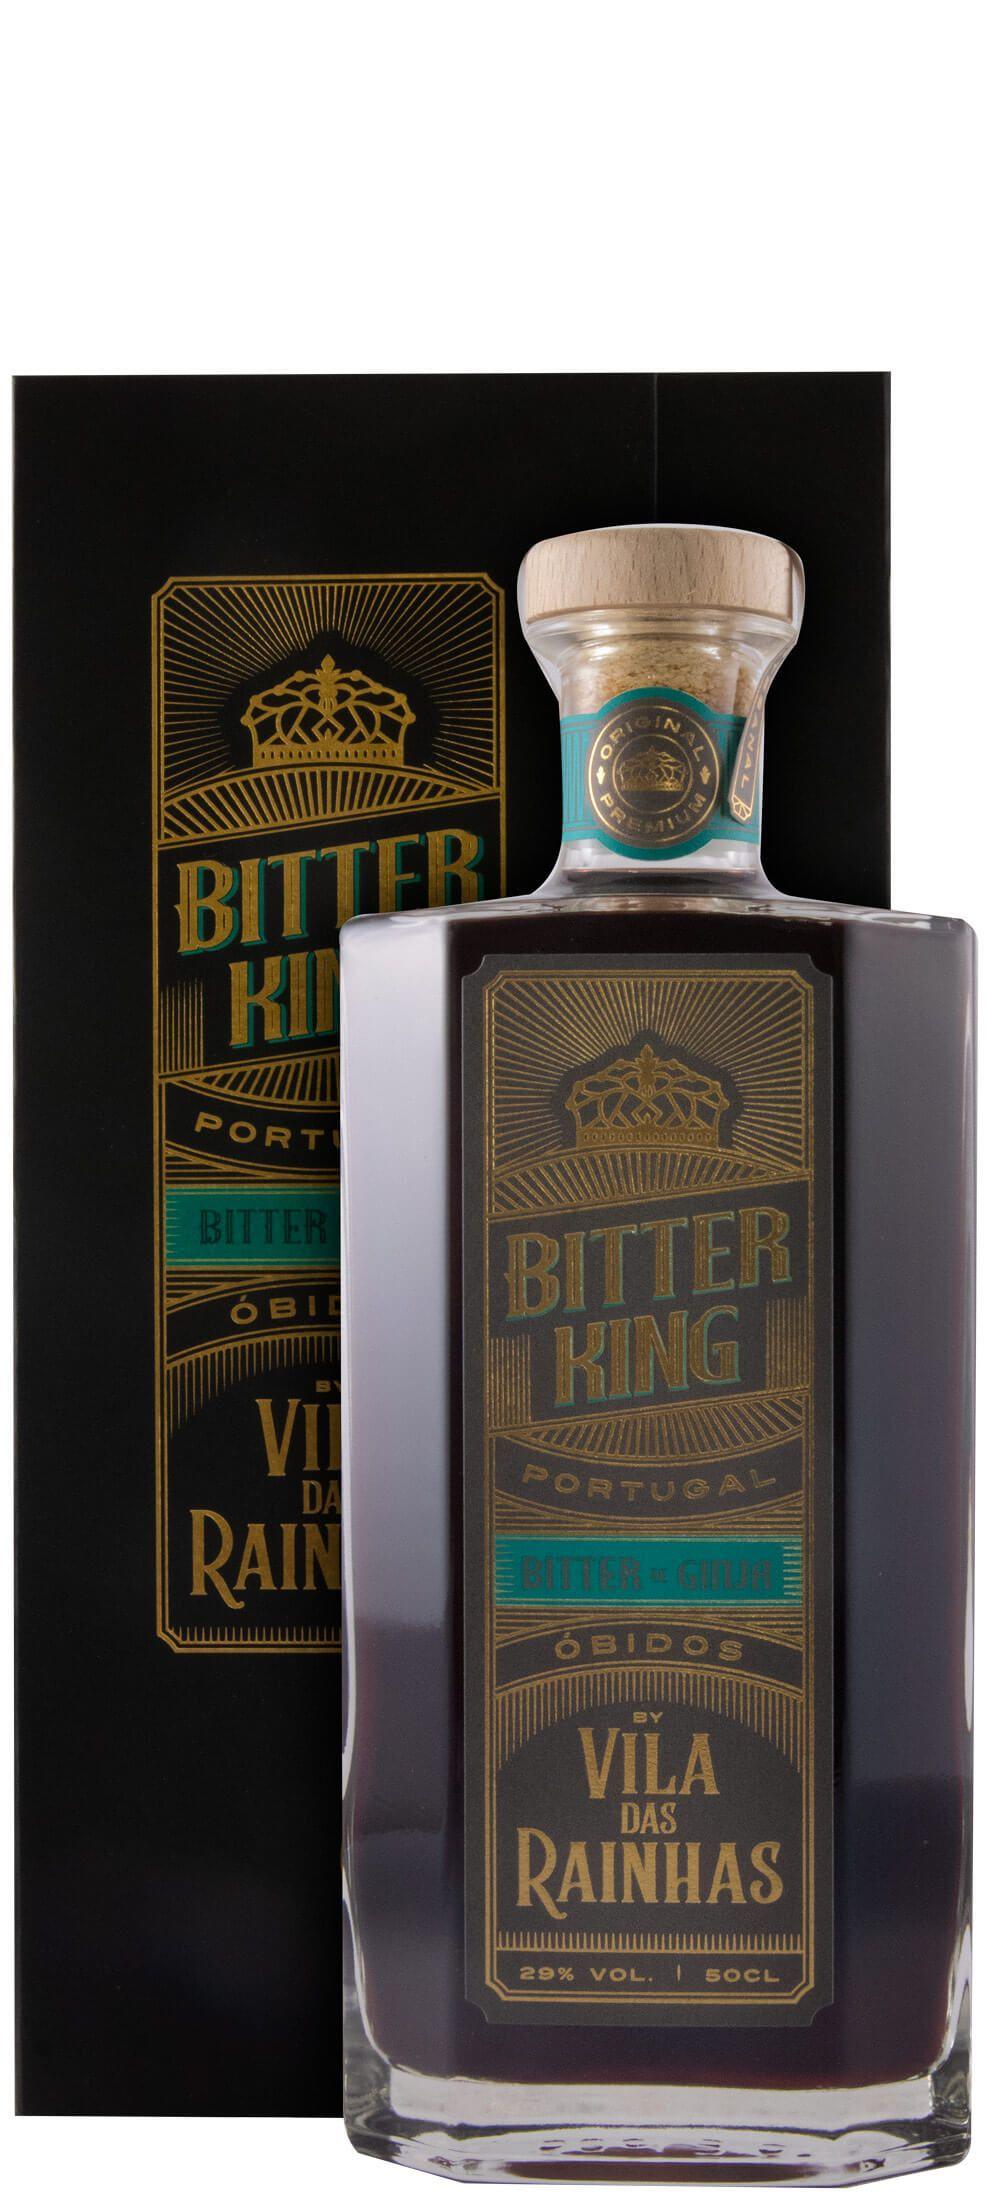 2020 Bitter King by Vila das Rainhas 50cl